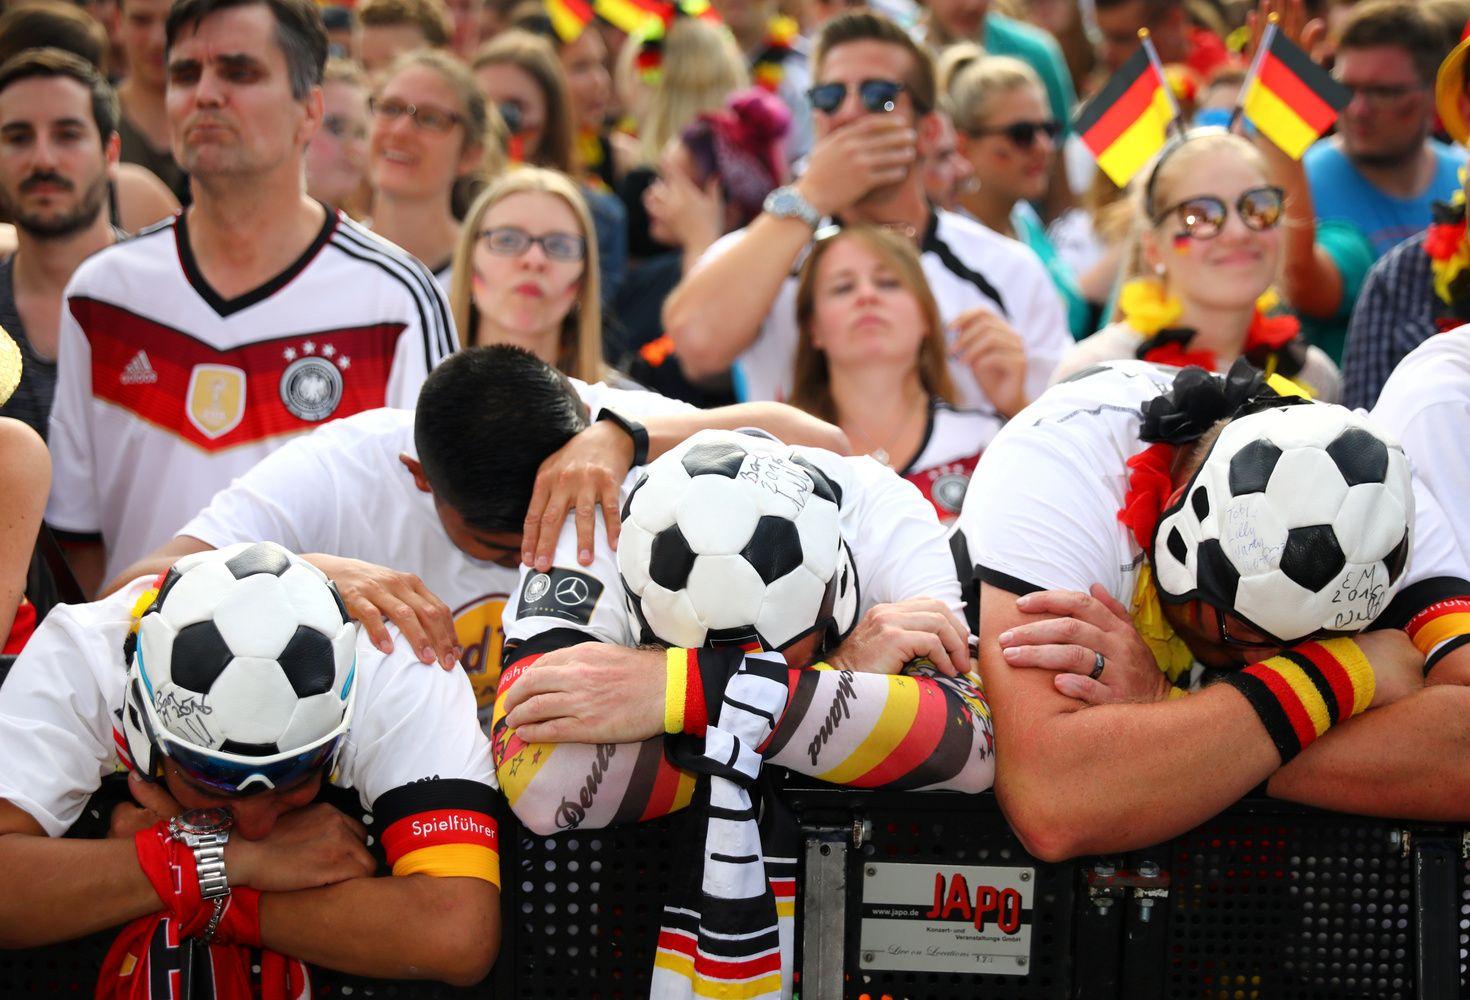 Skaičiai: Pasaulio futbolo čempionatas